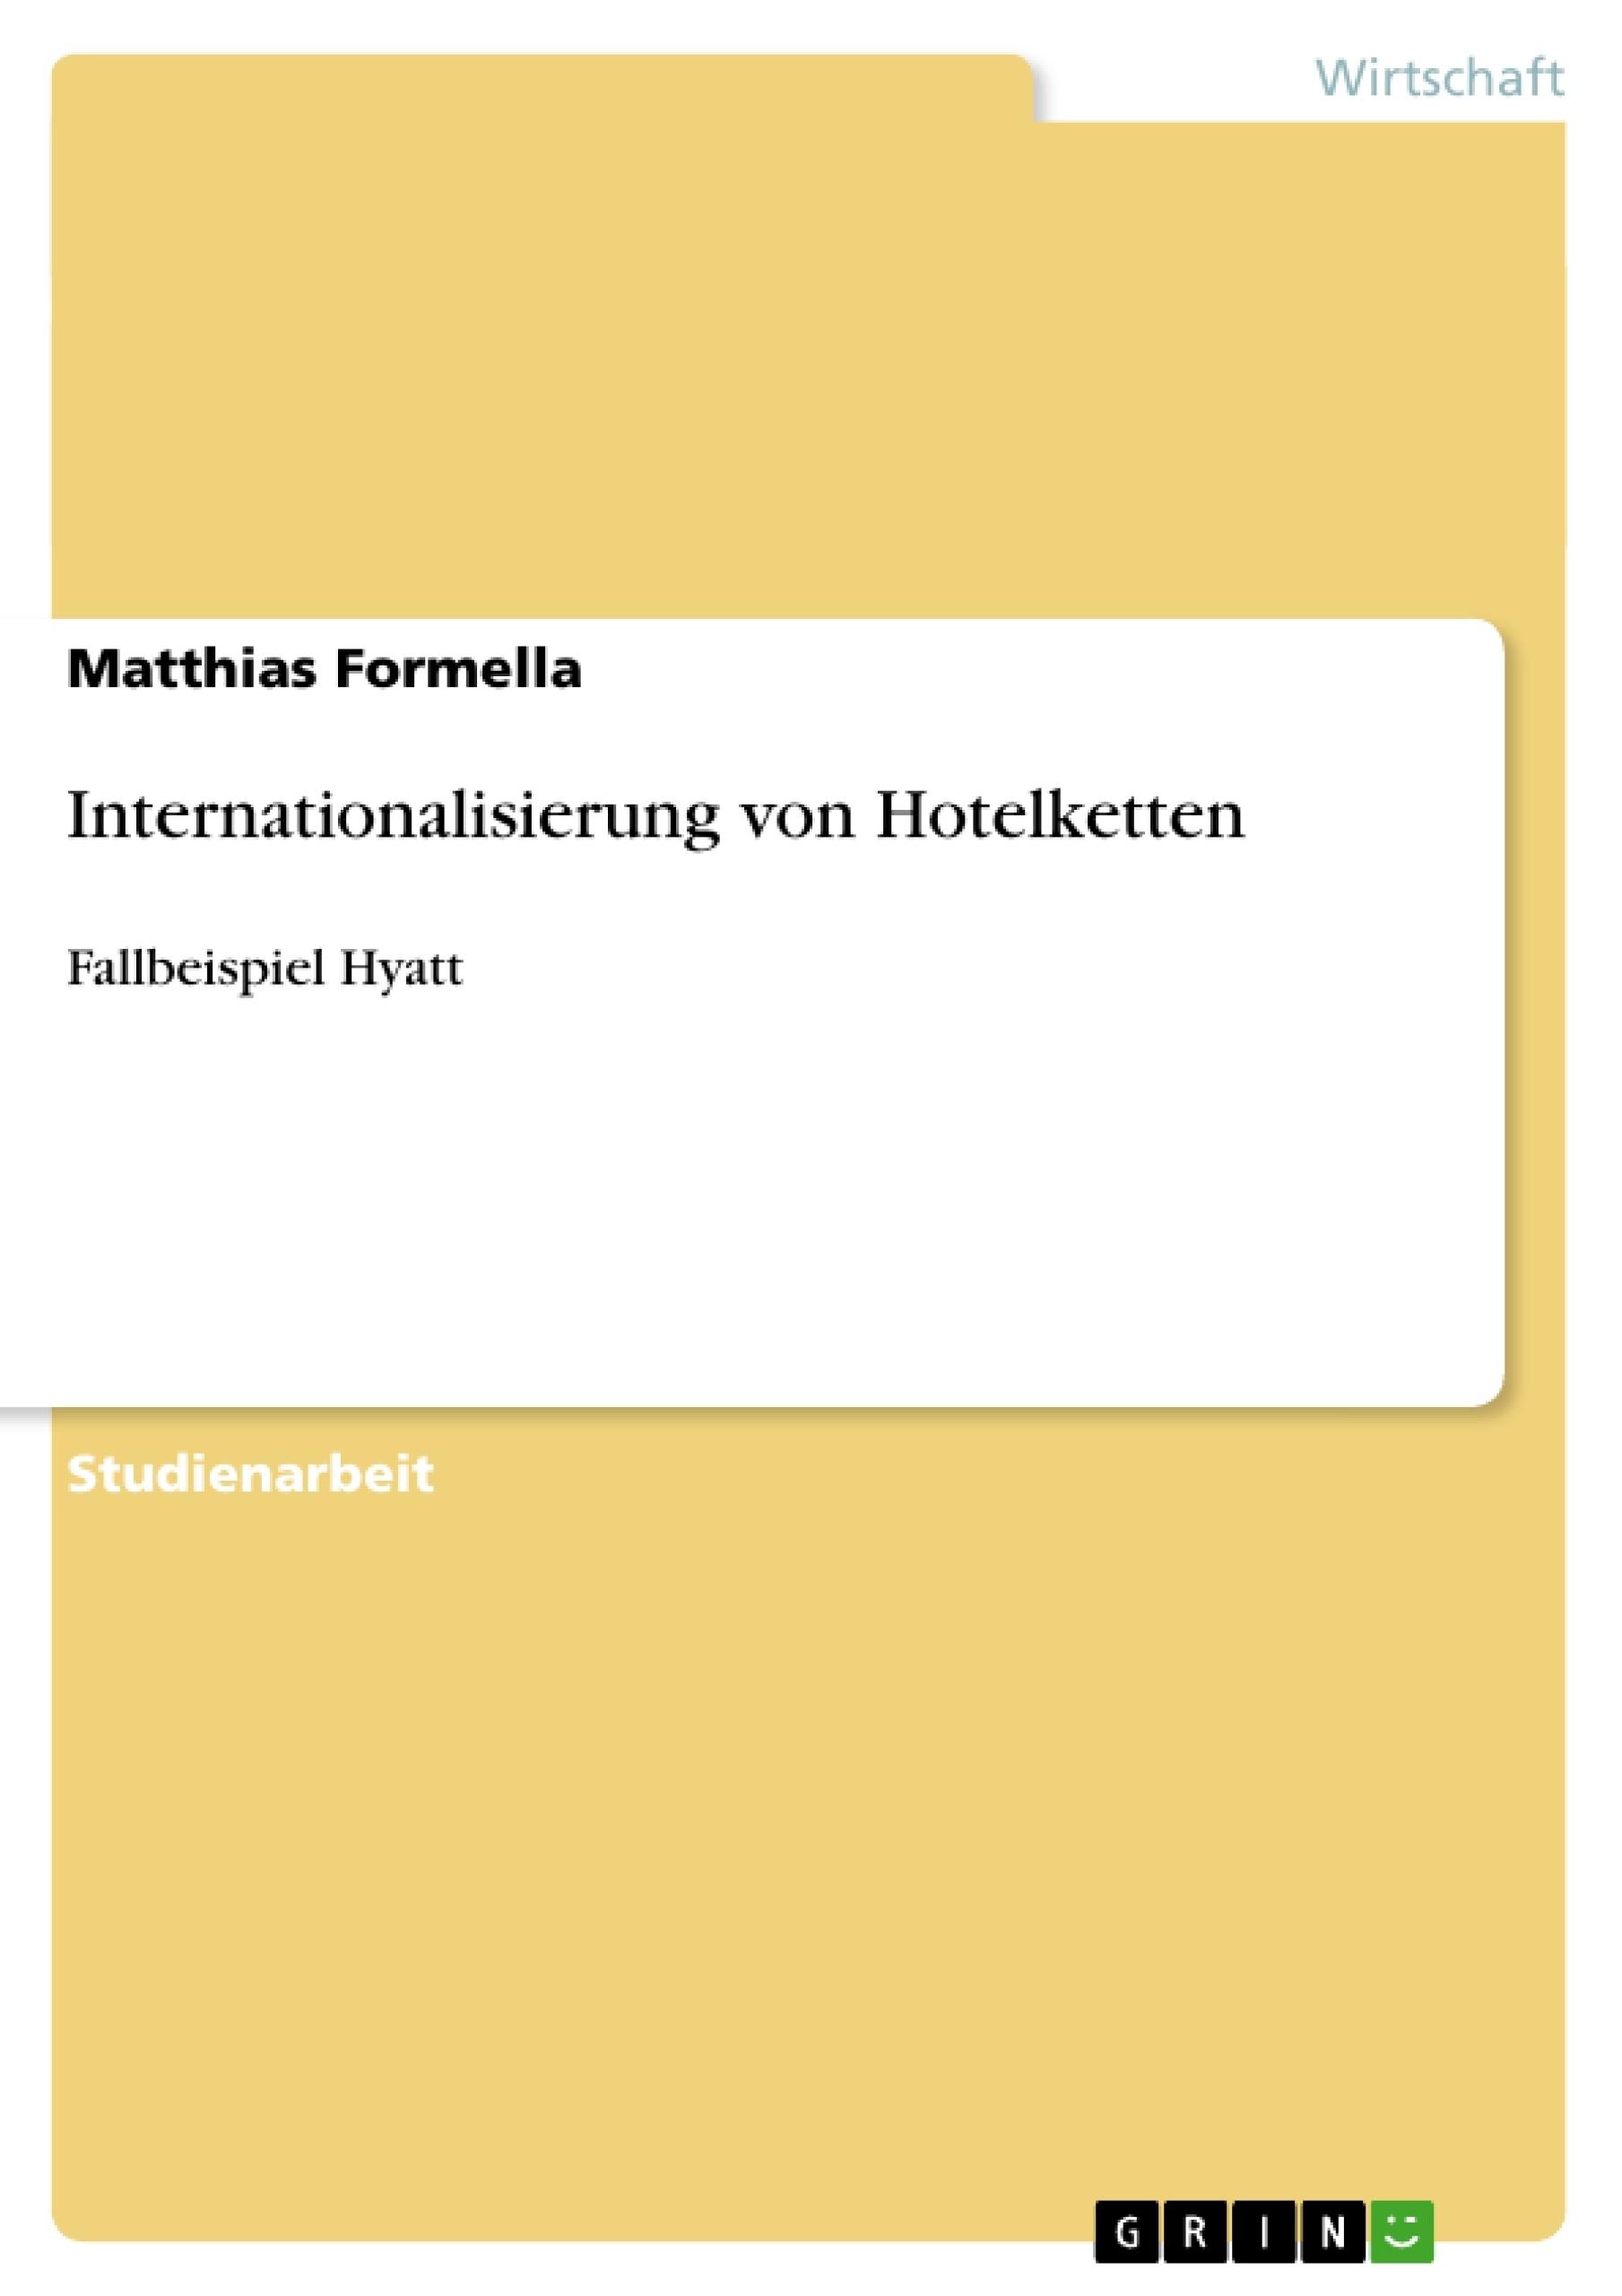 Titel: Internationalisierung von Hotelketten